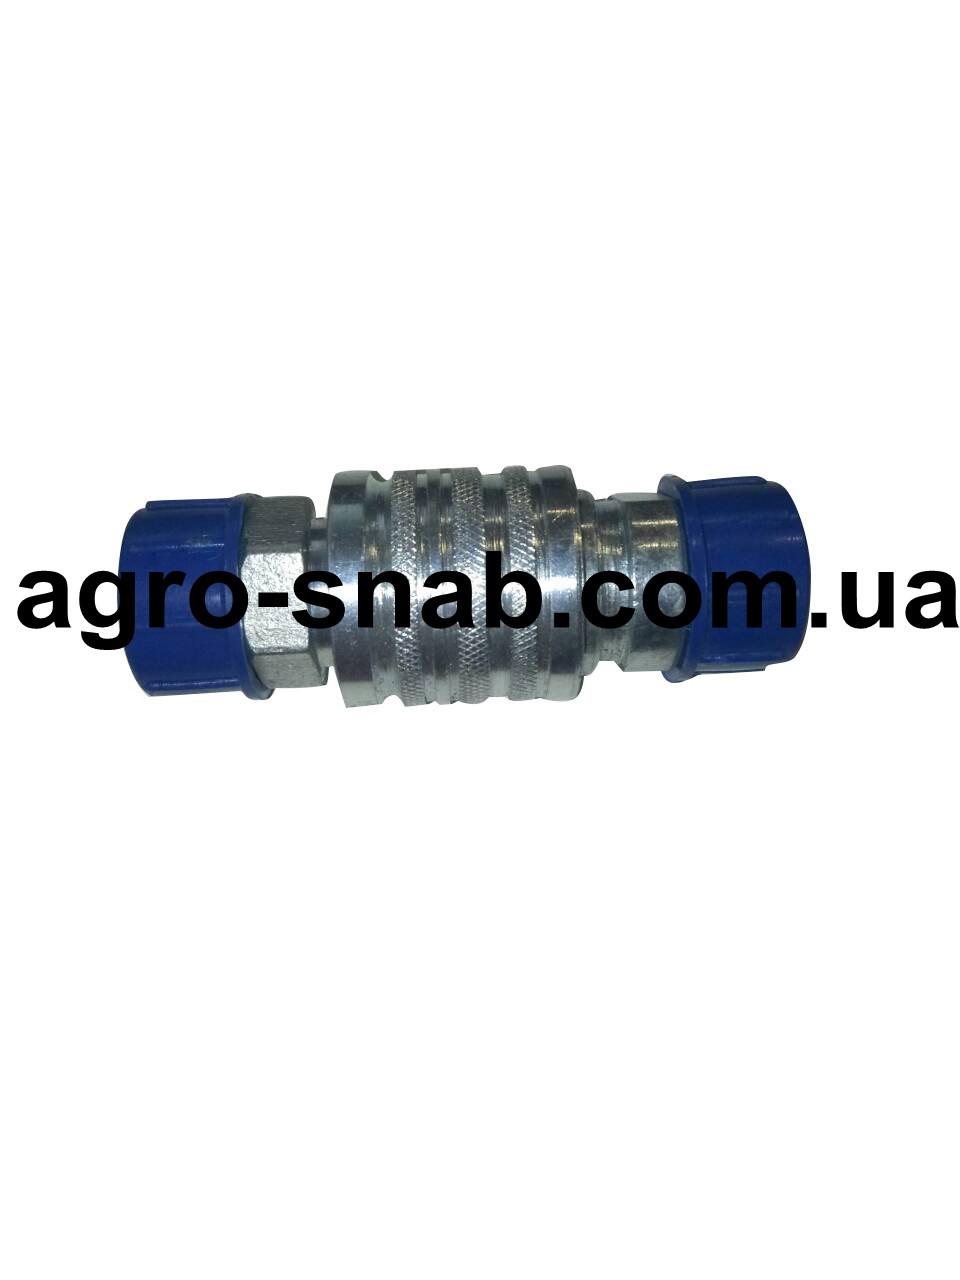 Муфта разрывная гидравлическая БСП S32 (M27x1,5) (H.036.52.000 Р) ГОСТ